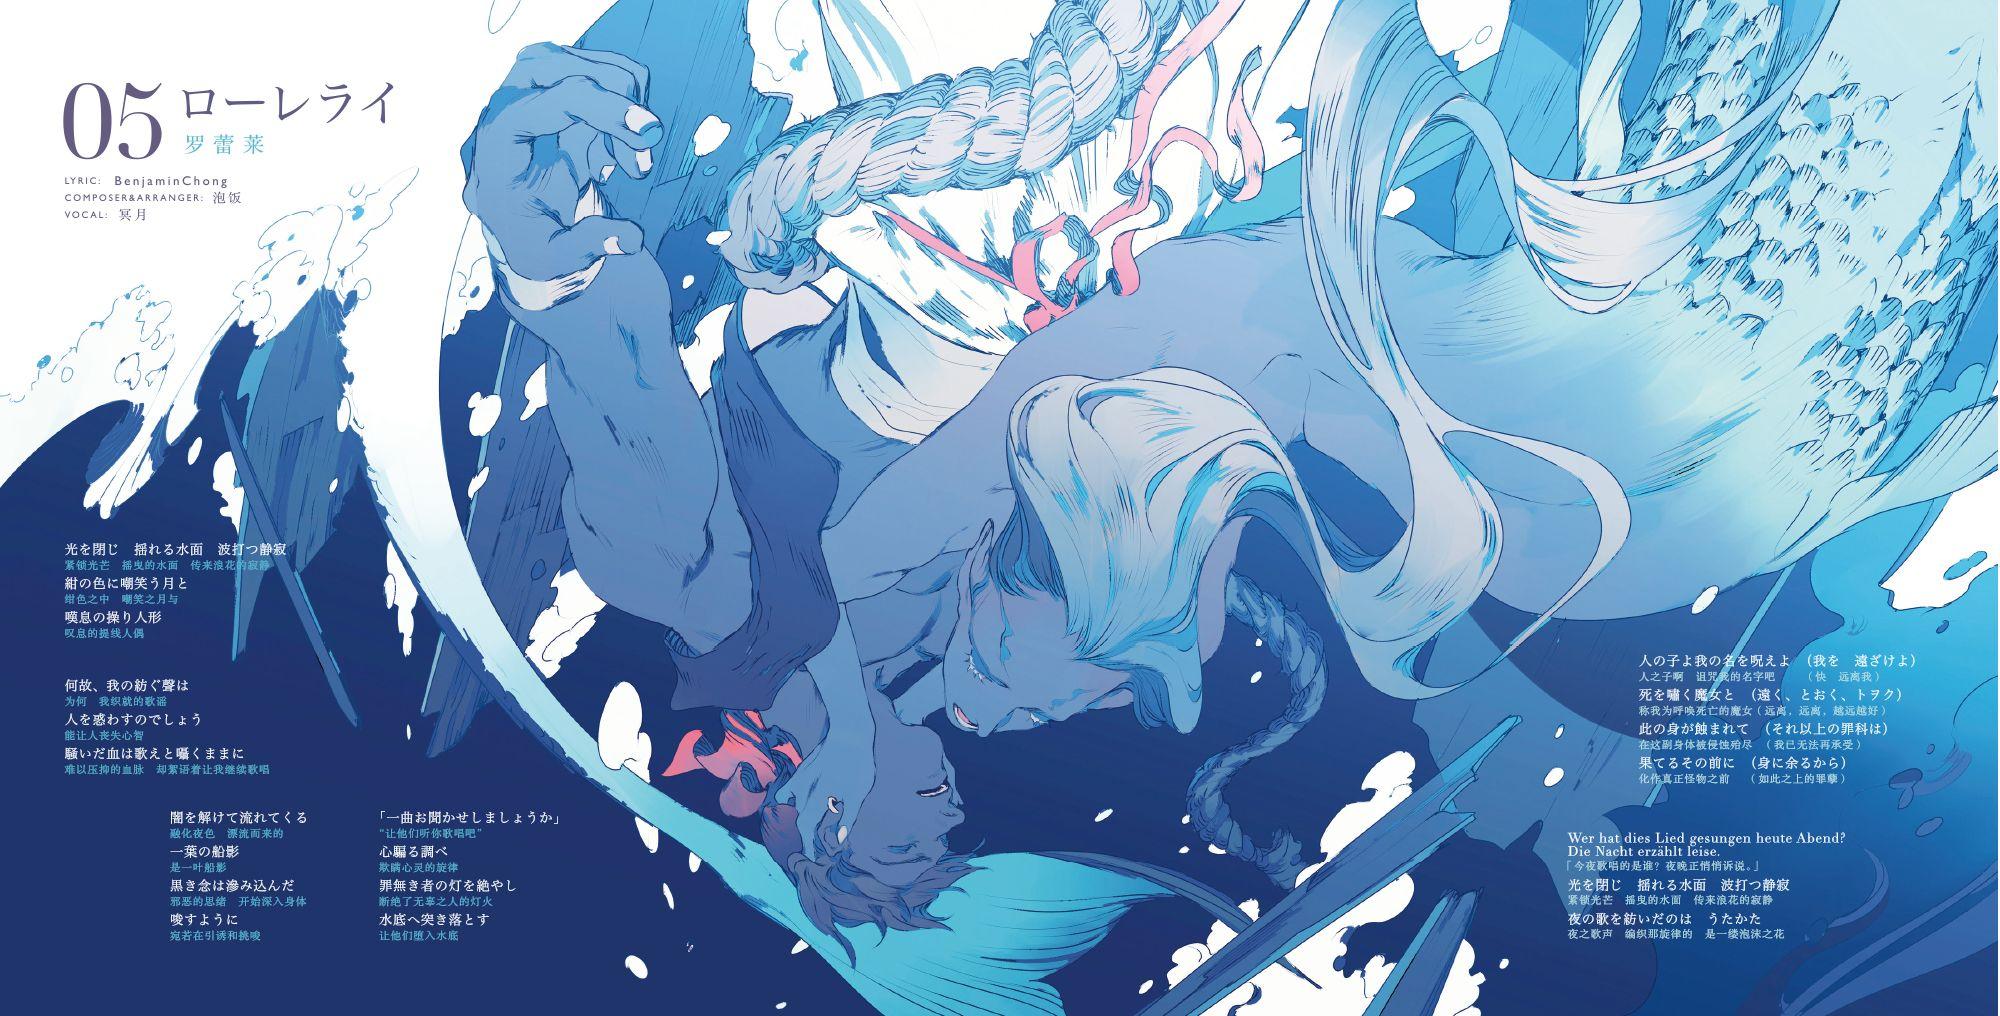 世界千年物語ii 零 san値不足 の漫画 pixiv イラスト ビジュアルアート ポートフォリオ イラスト